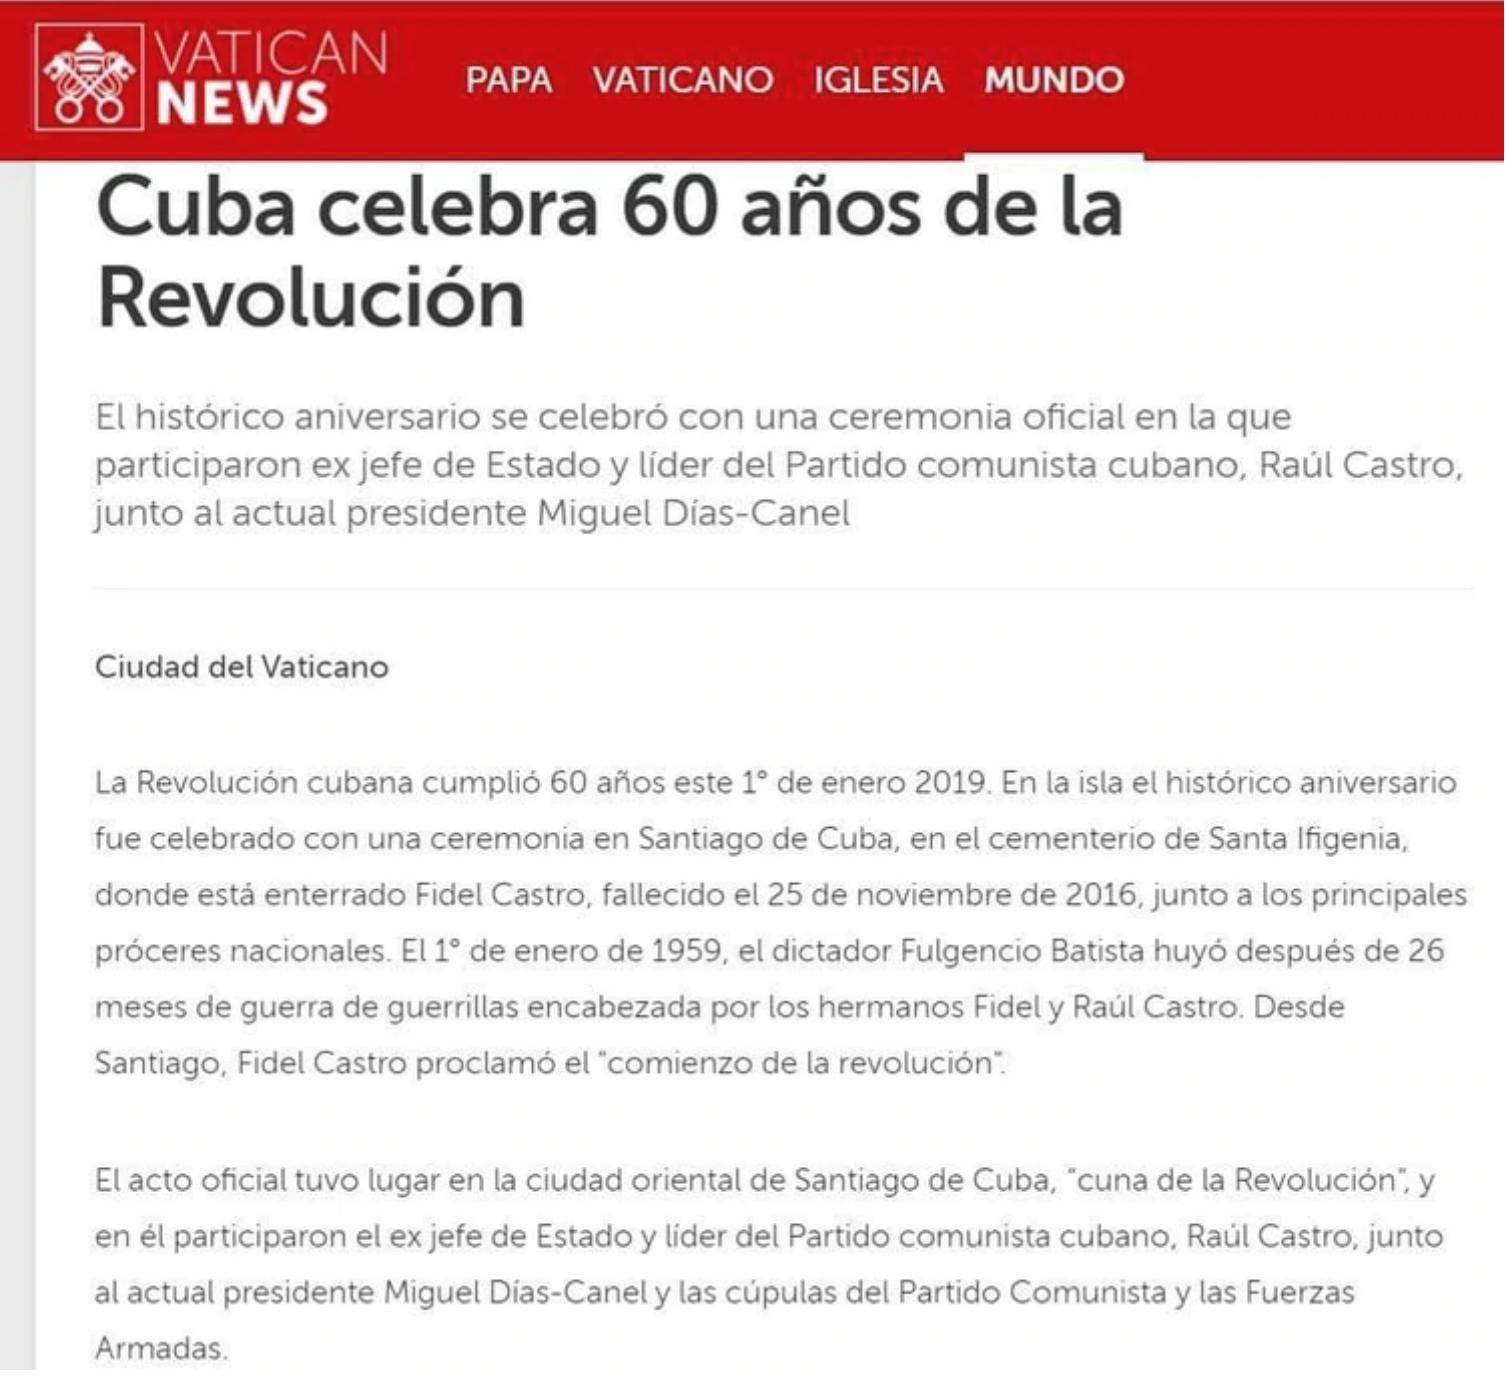 La nota de Vatican News sobre el aniversario de la revolución cubana.